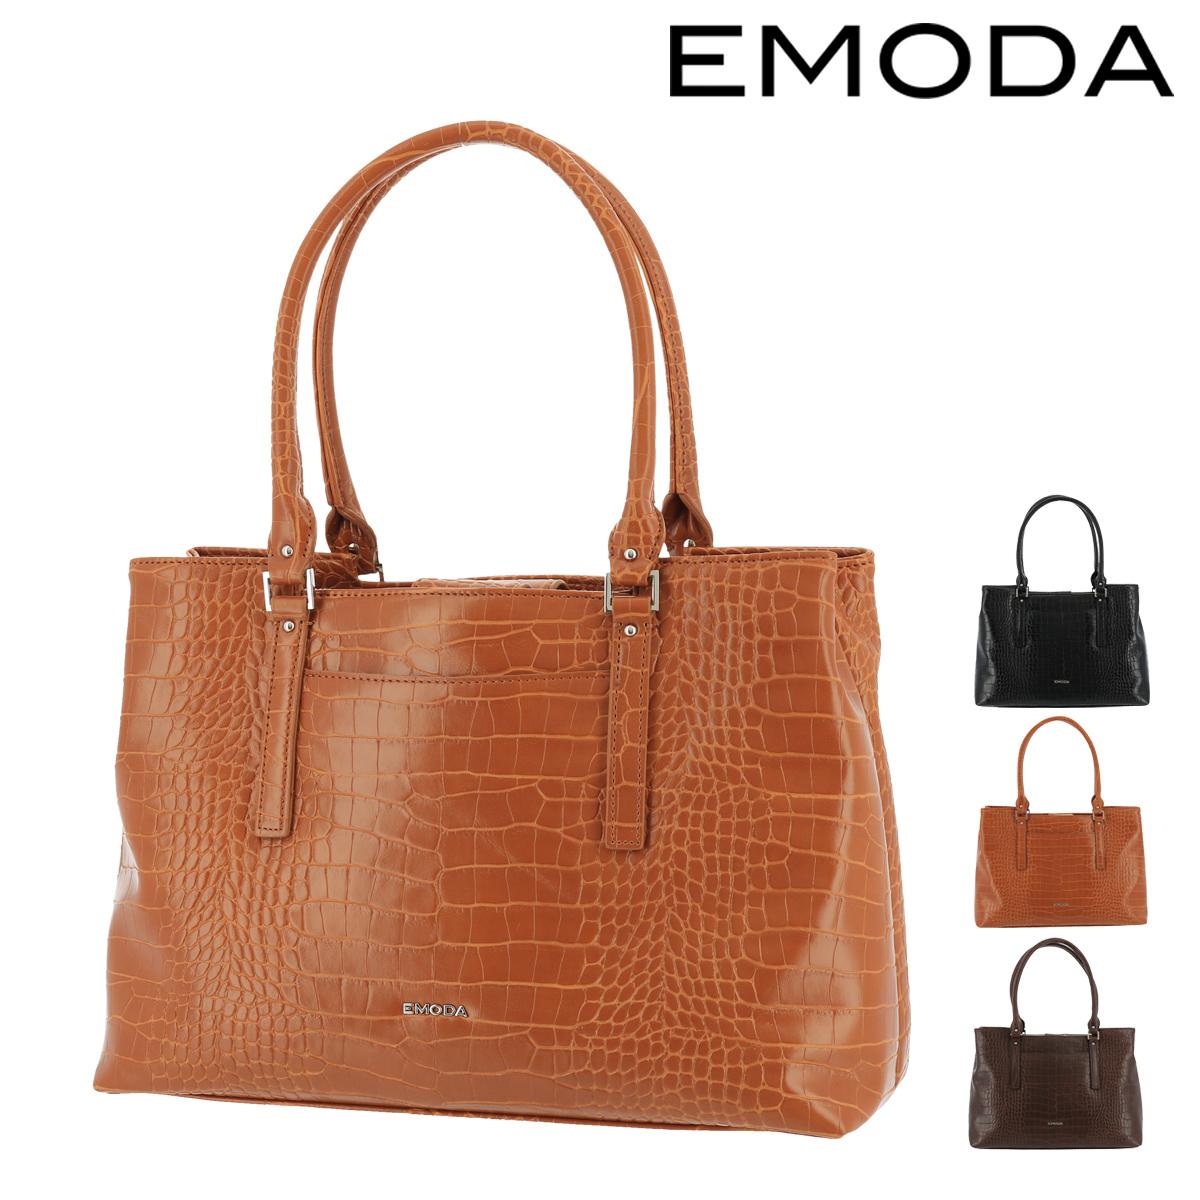 エモダ トートバッグ 横型 肩掛け A4 レディース EM-9305 EMODA | 軽量 ビジネス [PO5][bef]